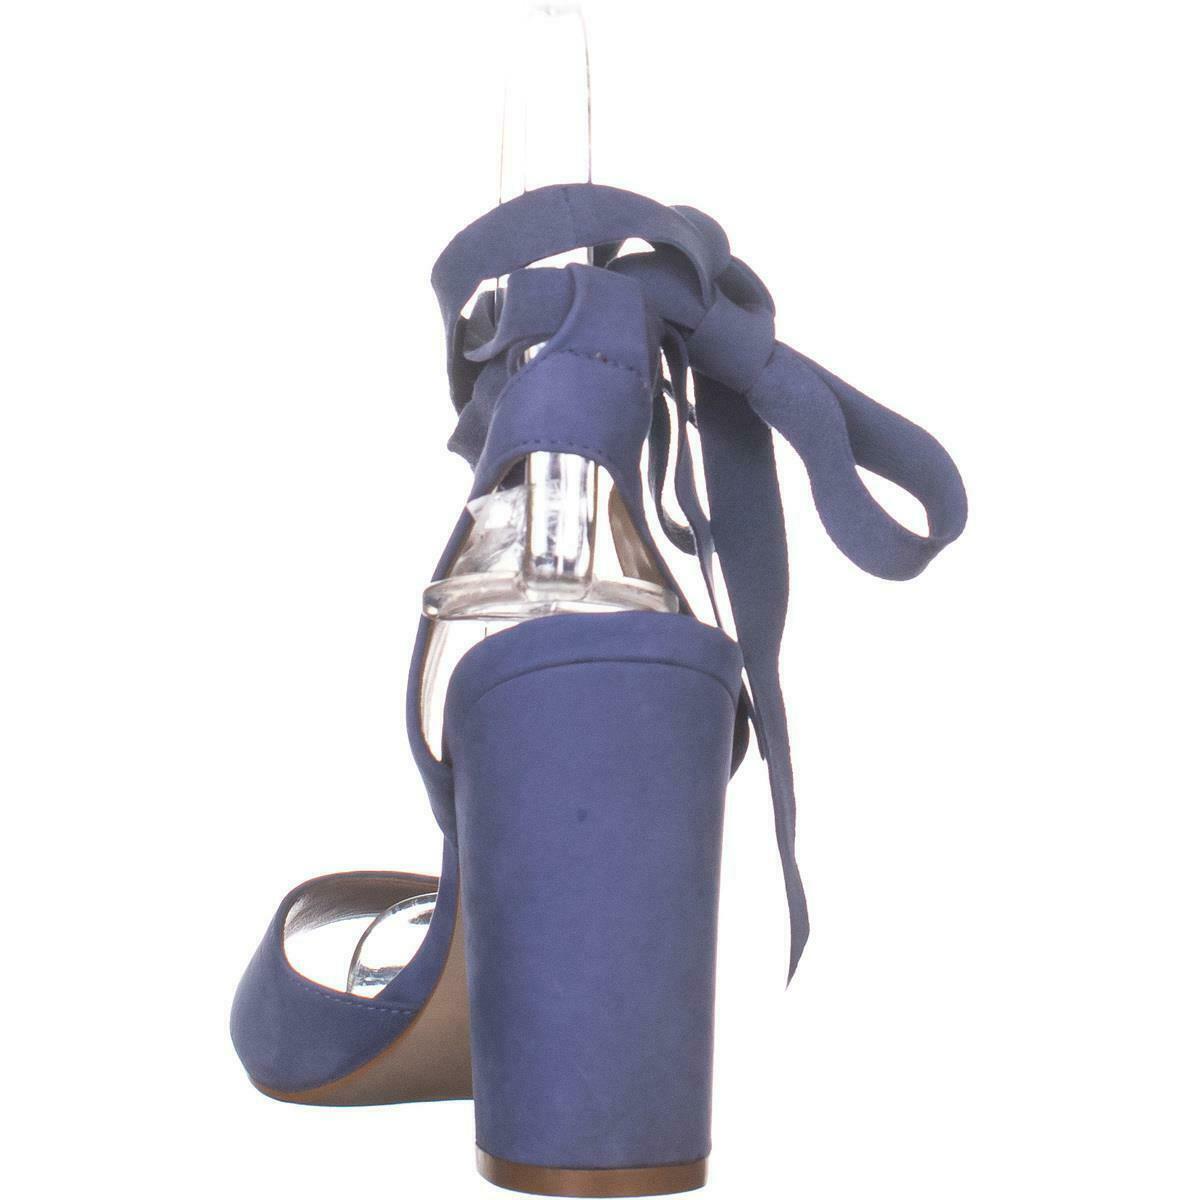 Steve Madden Kenny Ankle Strap Sandals, Blue Nubuck, 6.5 US image 5